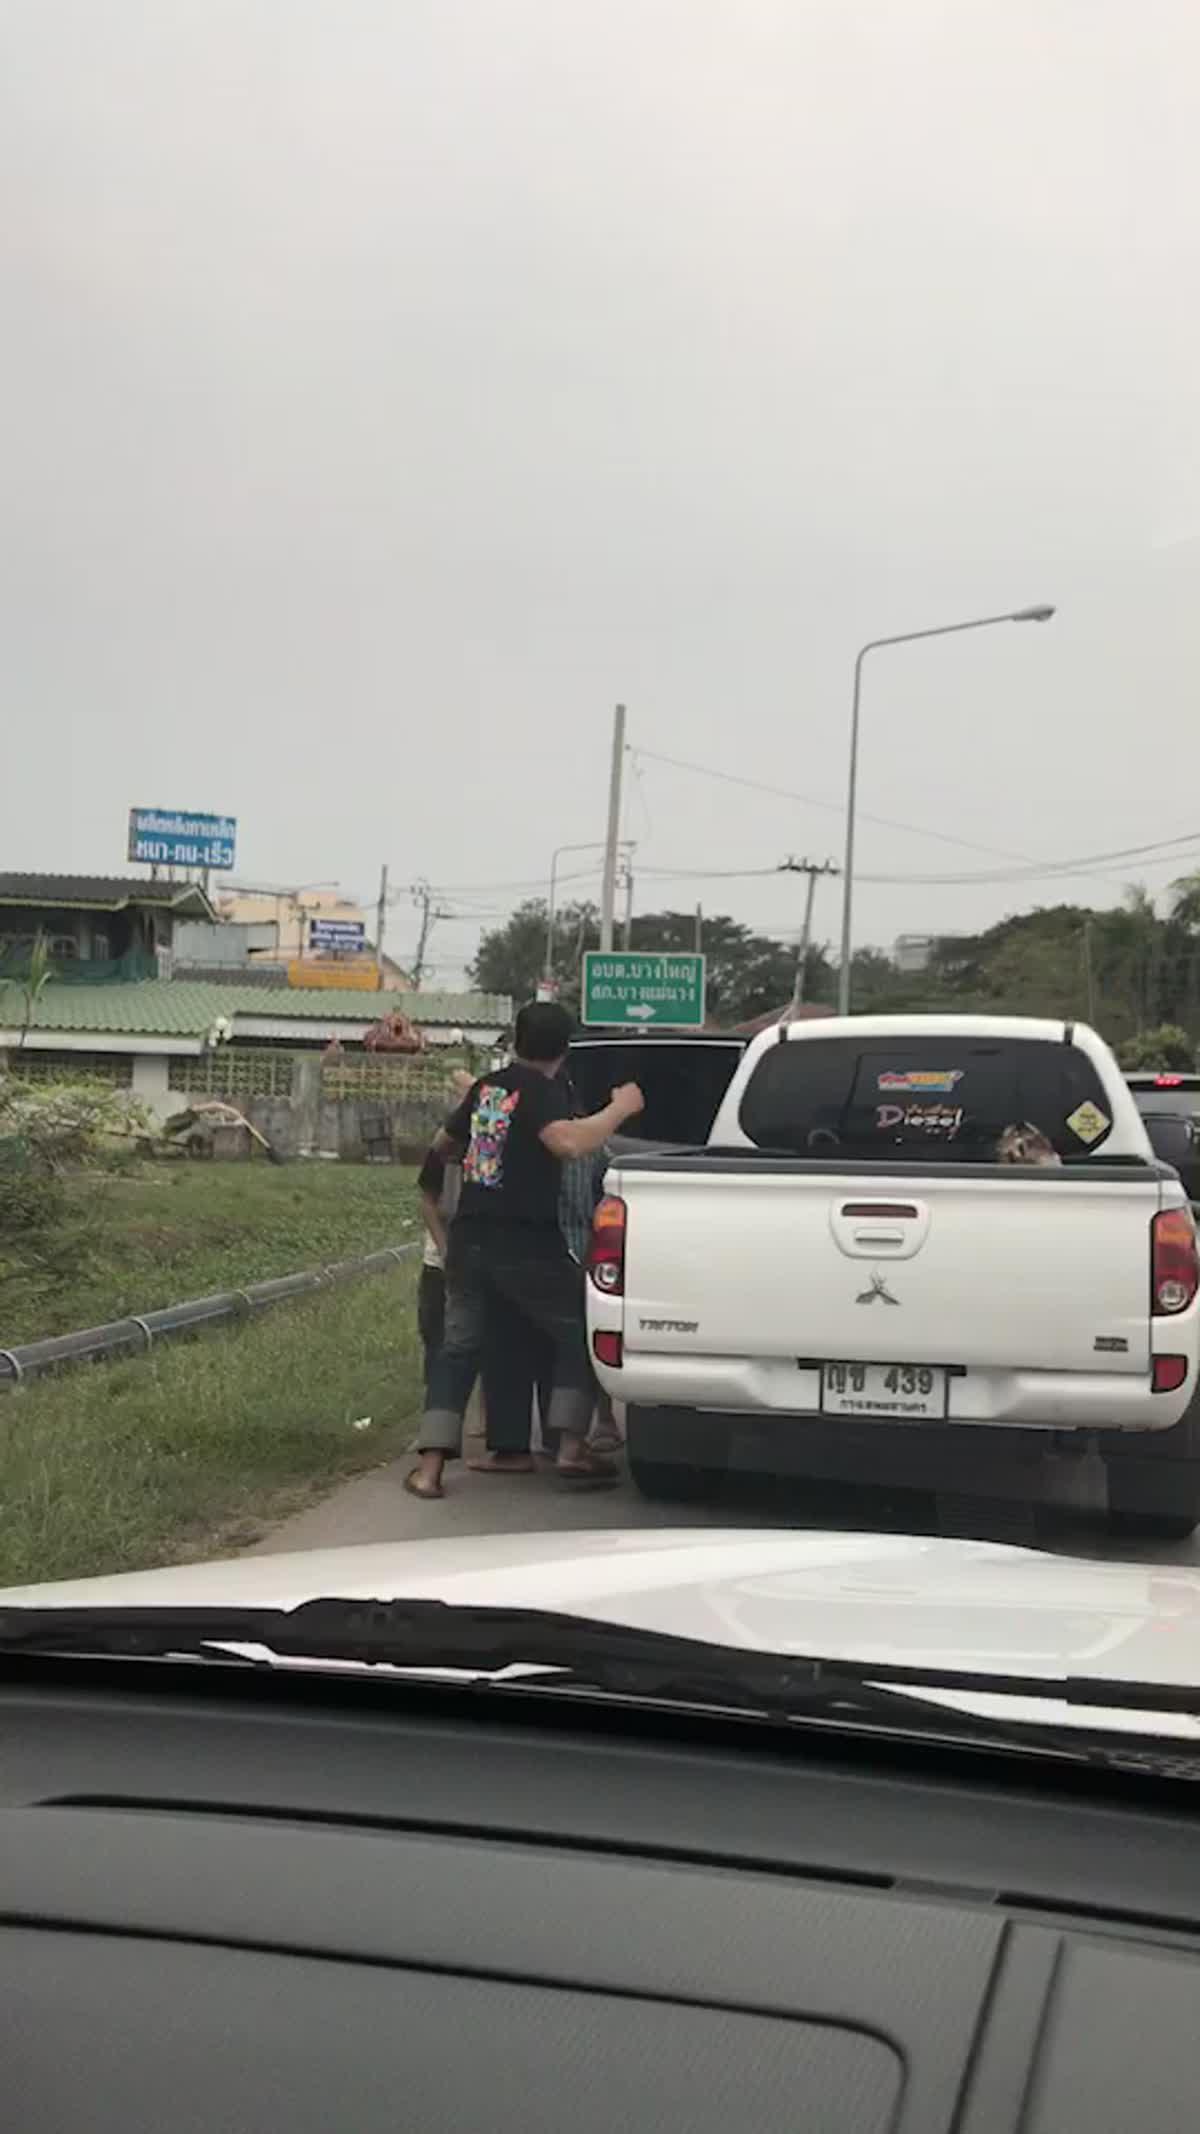 คลิปชายจอดรถทำร้าย แม่ เมีย และลูกชาย